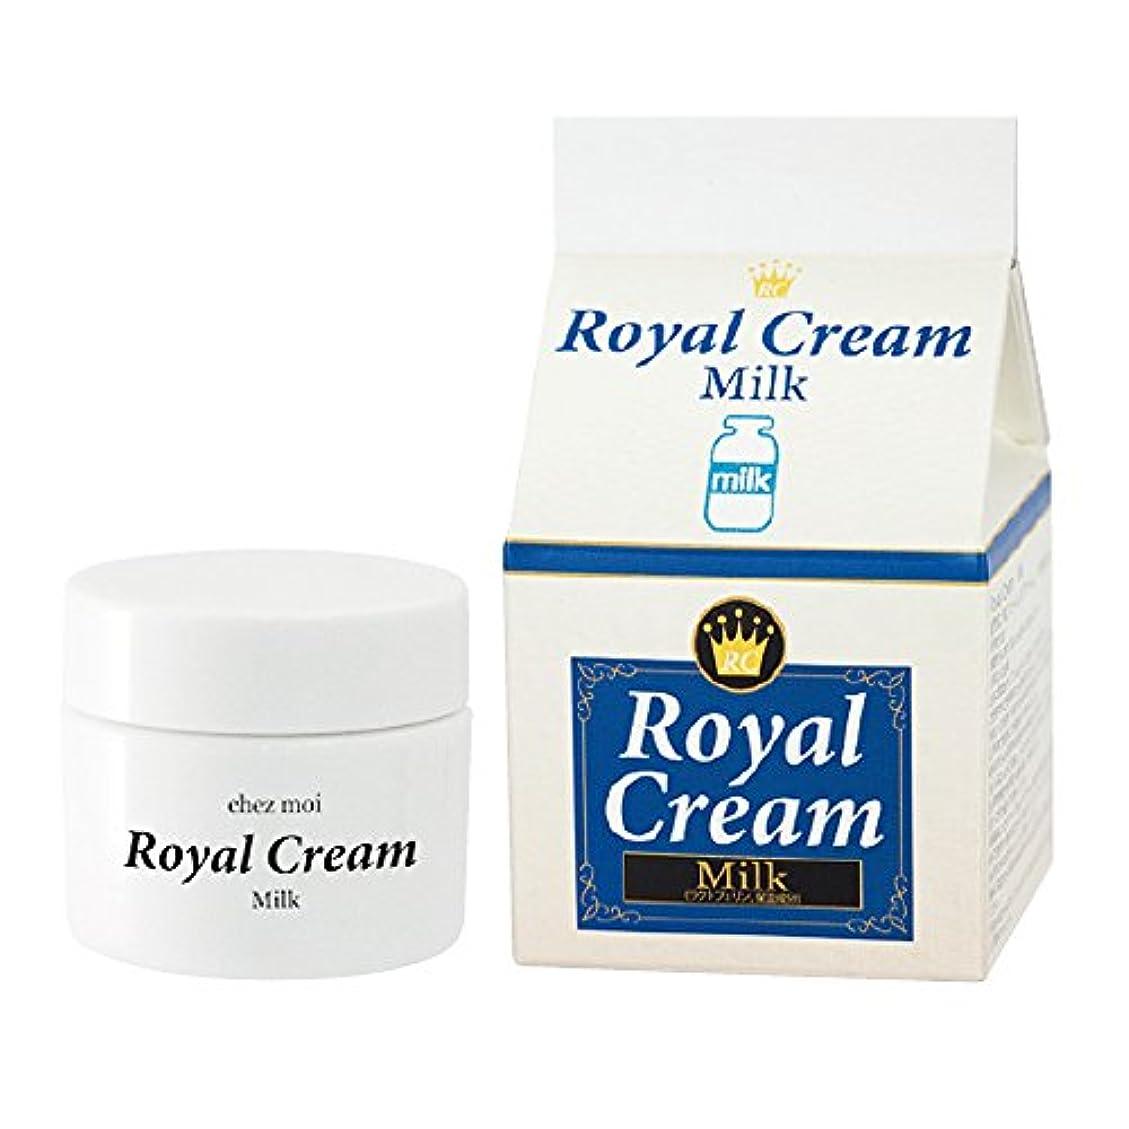 頭痛電気技師吸収Royal Cream(ロイヤルクリーム) Milk(ミルク) 30g